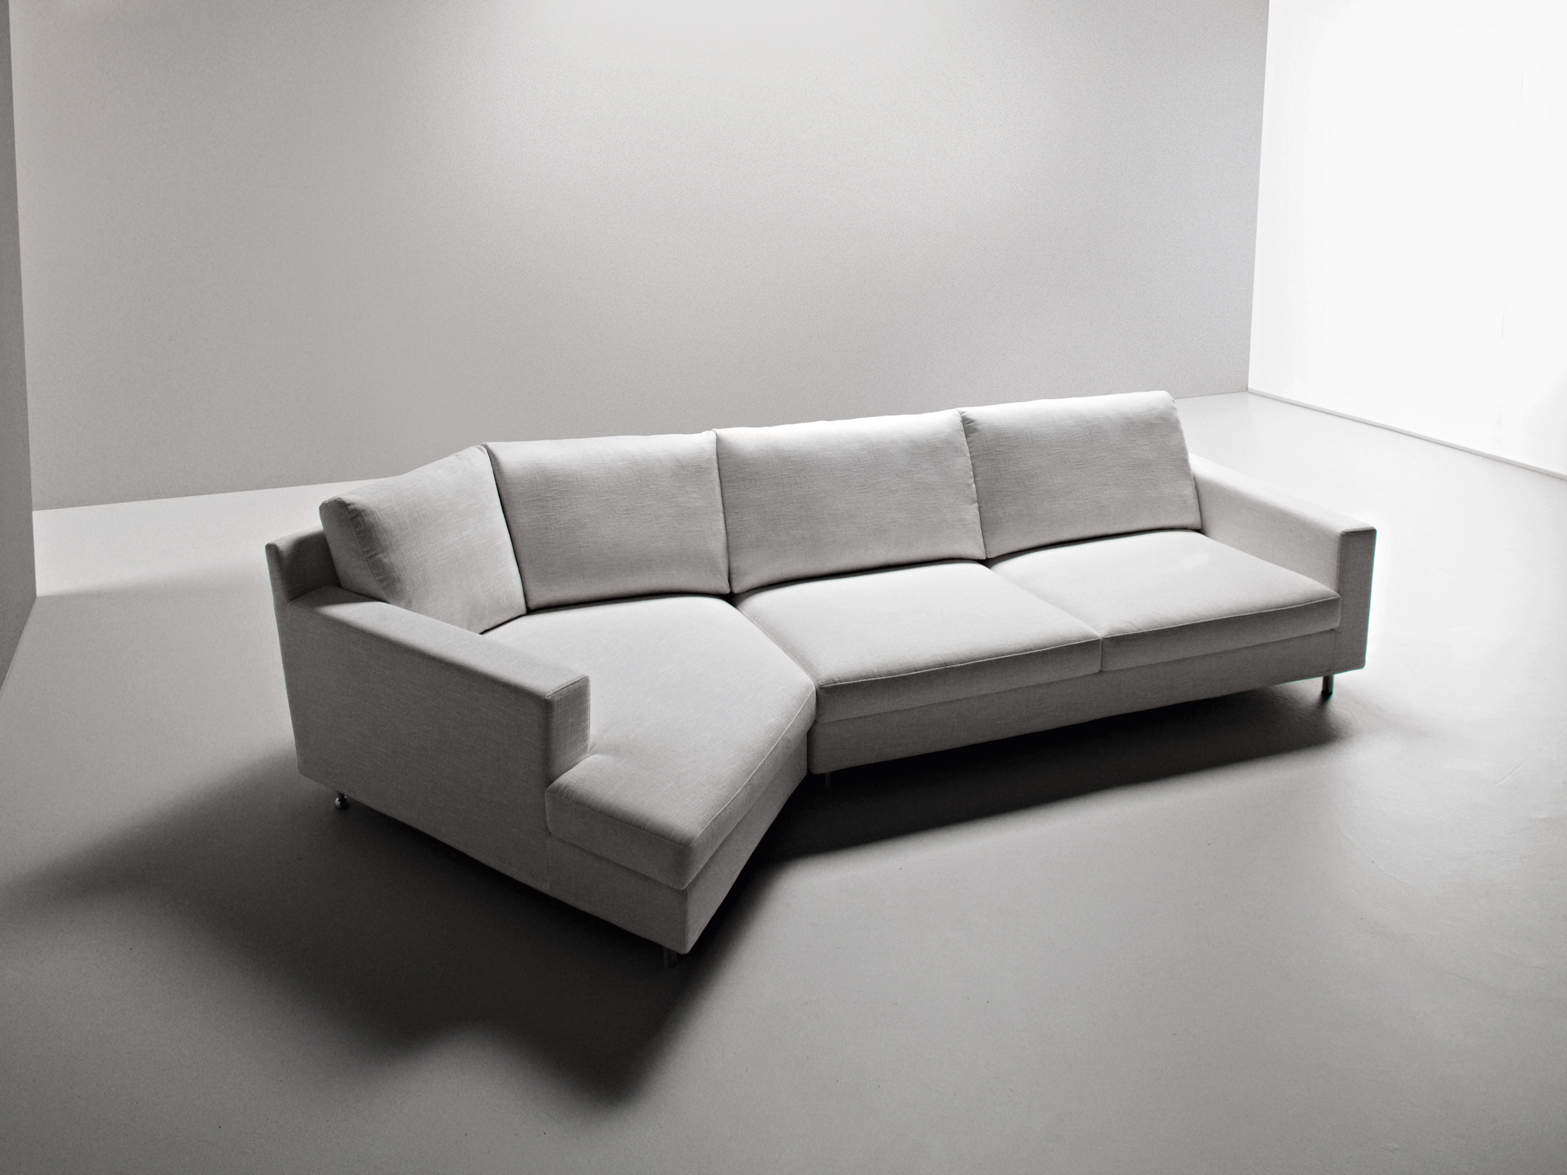 Manhattan divano angolare by la cividina design fulvio bulfoni for Divano angolare in tessuto